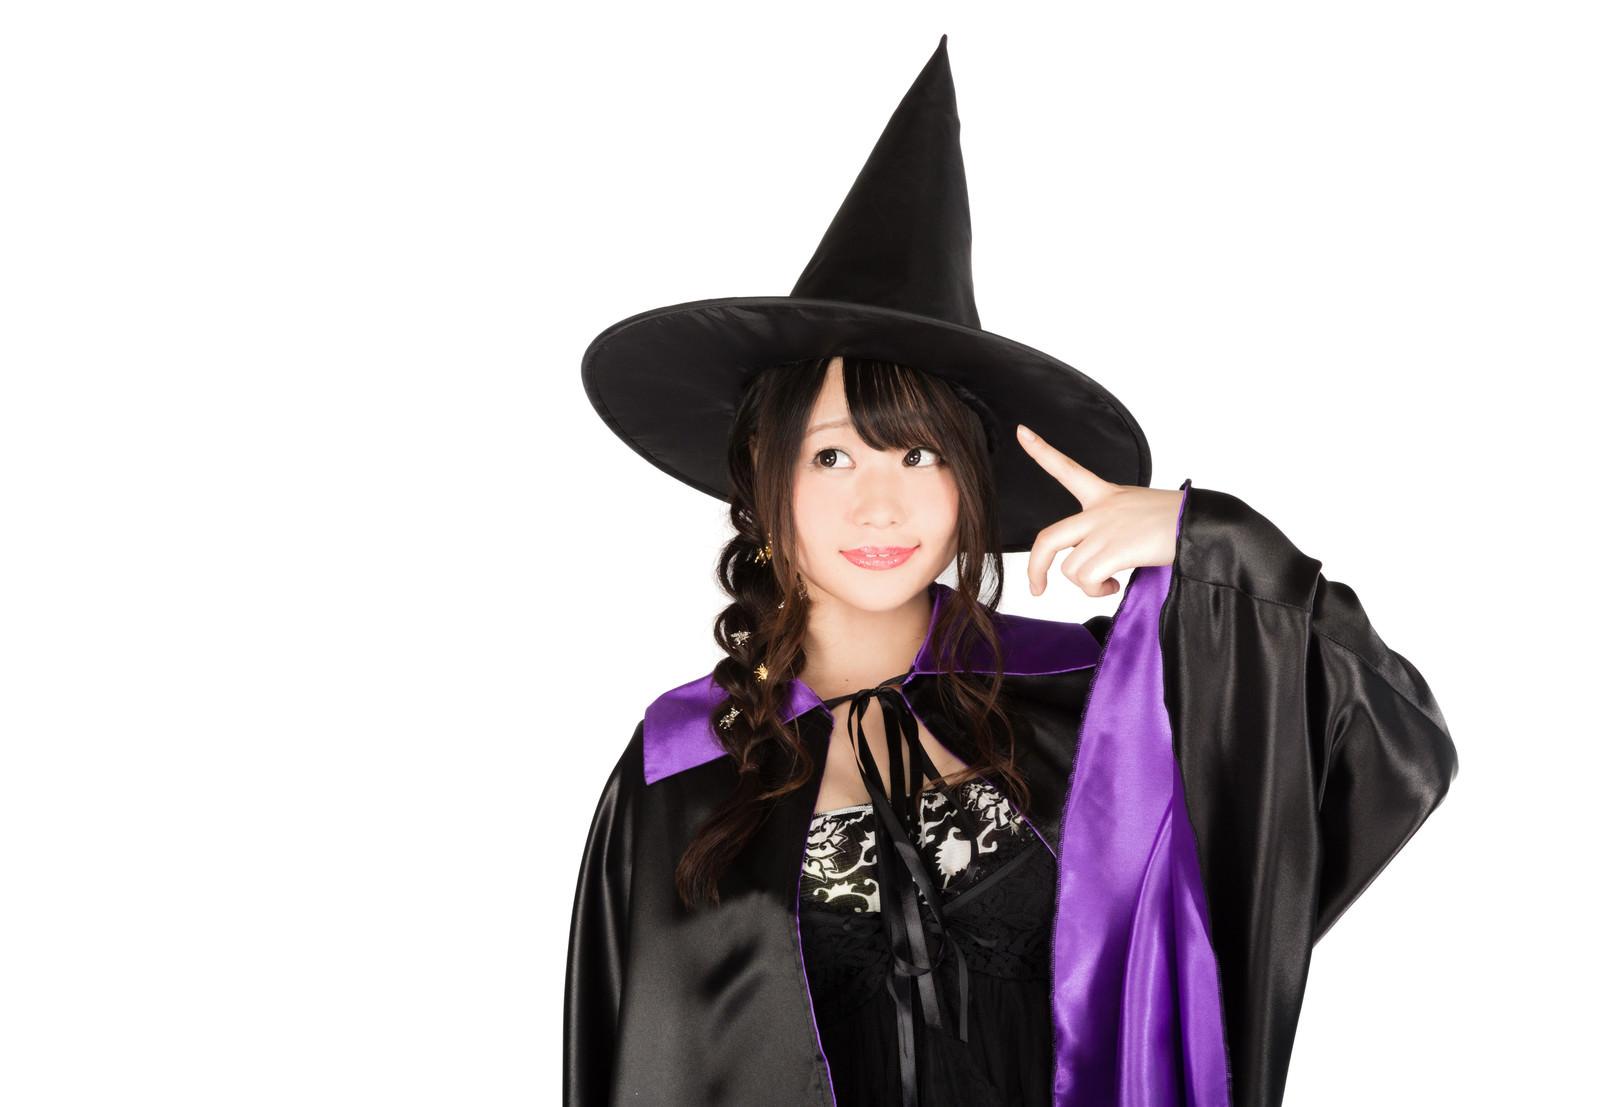 「とんがり帽子の黒魔道士(美女)とんがり帽子の黒魔道士(美女)」[モデル:茜さや]のフリー写真素材を拡大